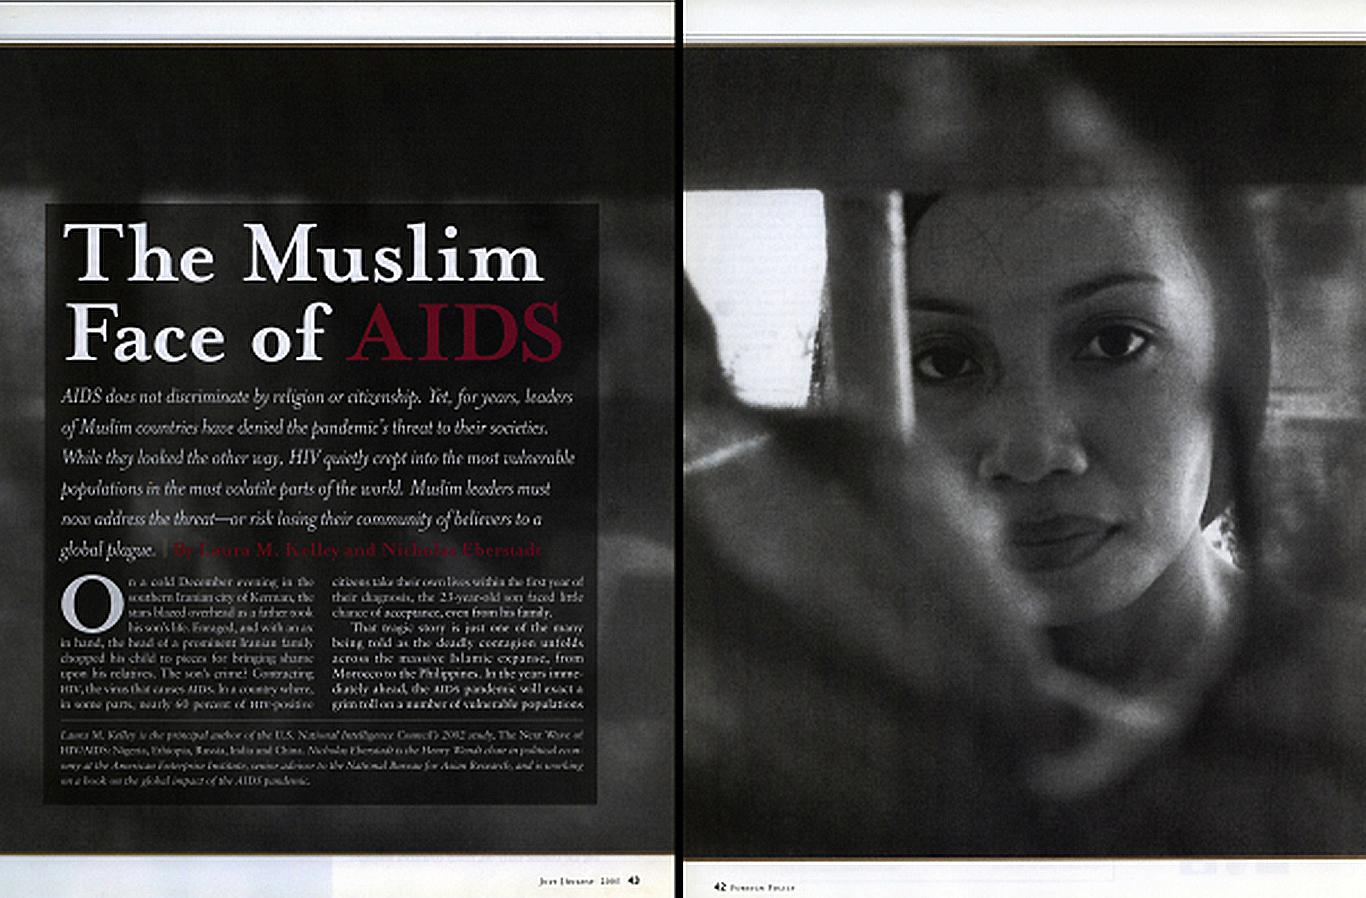 jackpicone_magazine-foreignpolicy_web-22.jpg